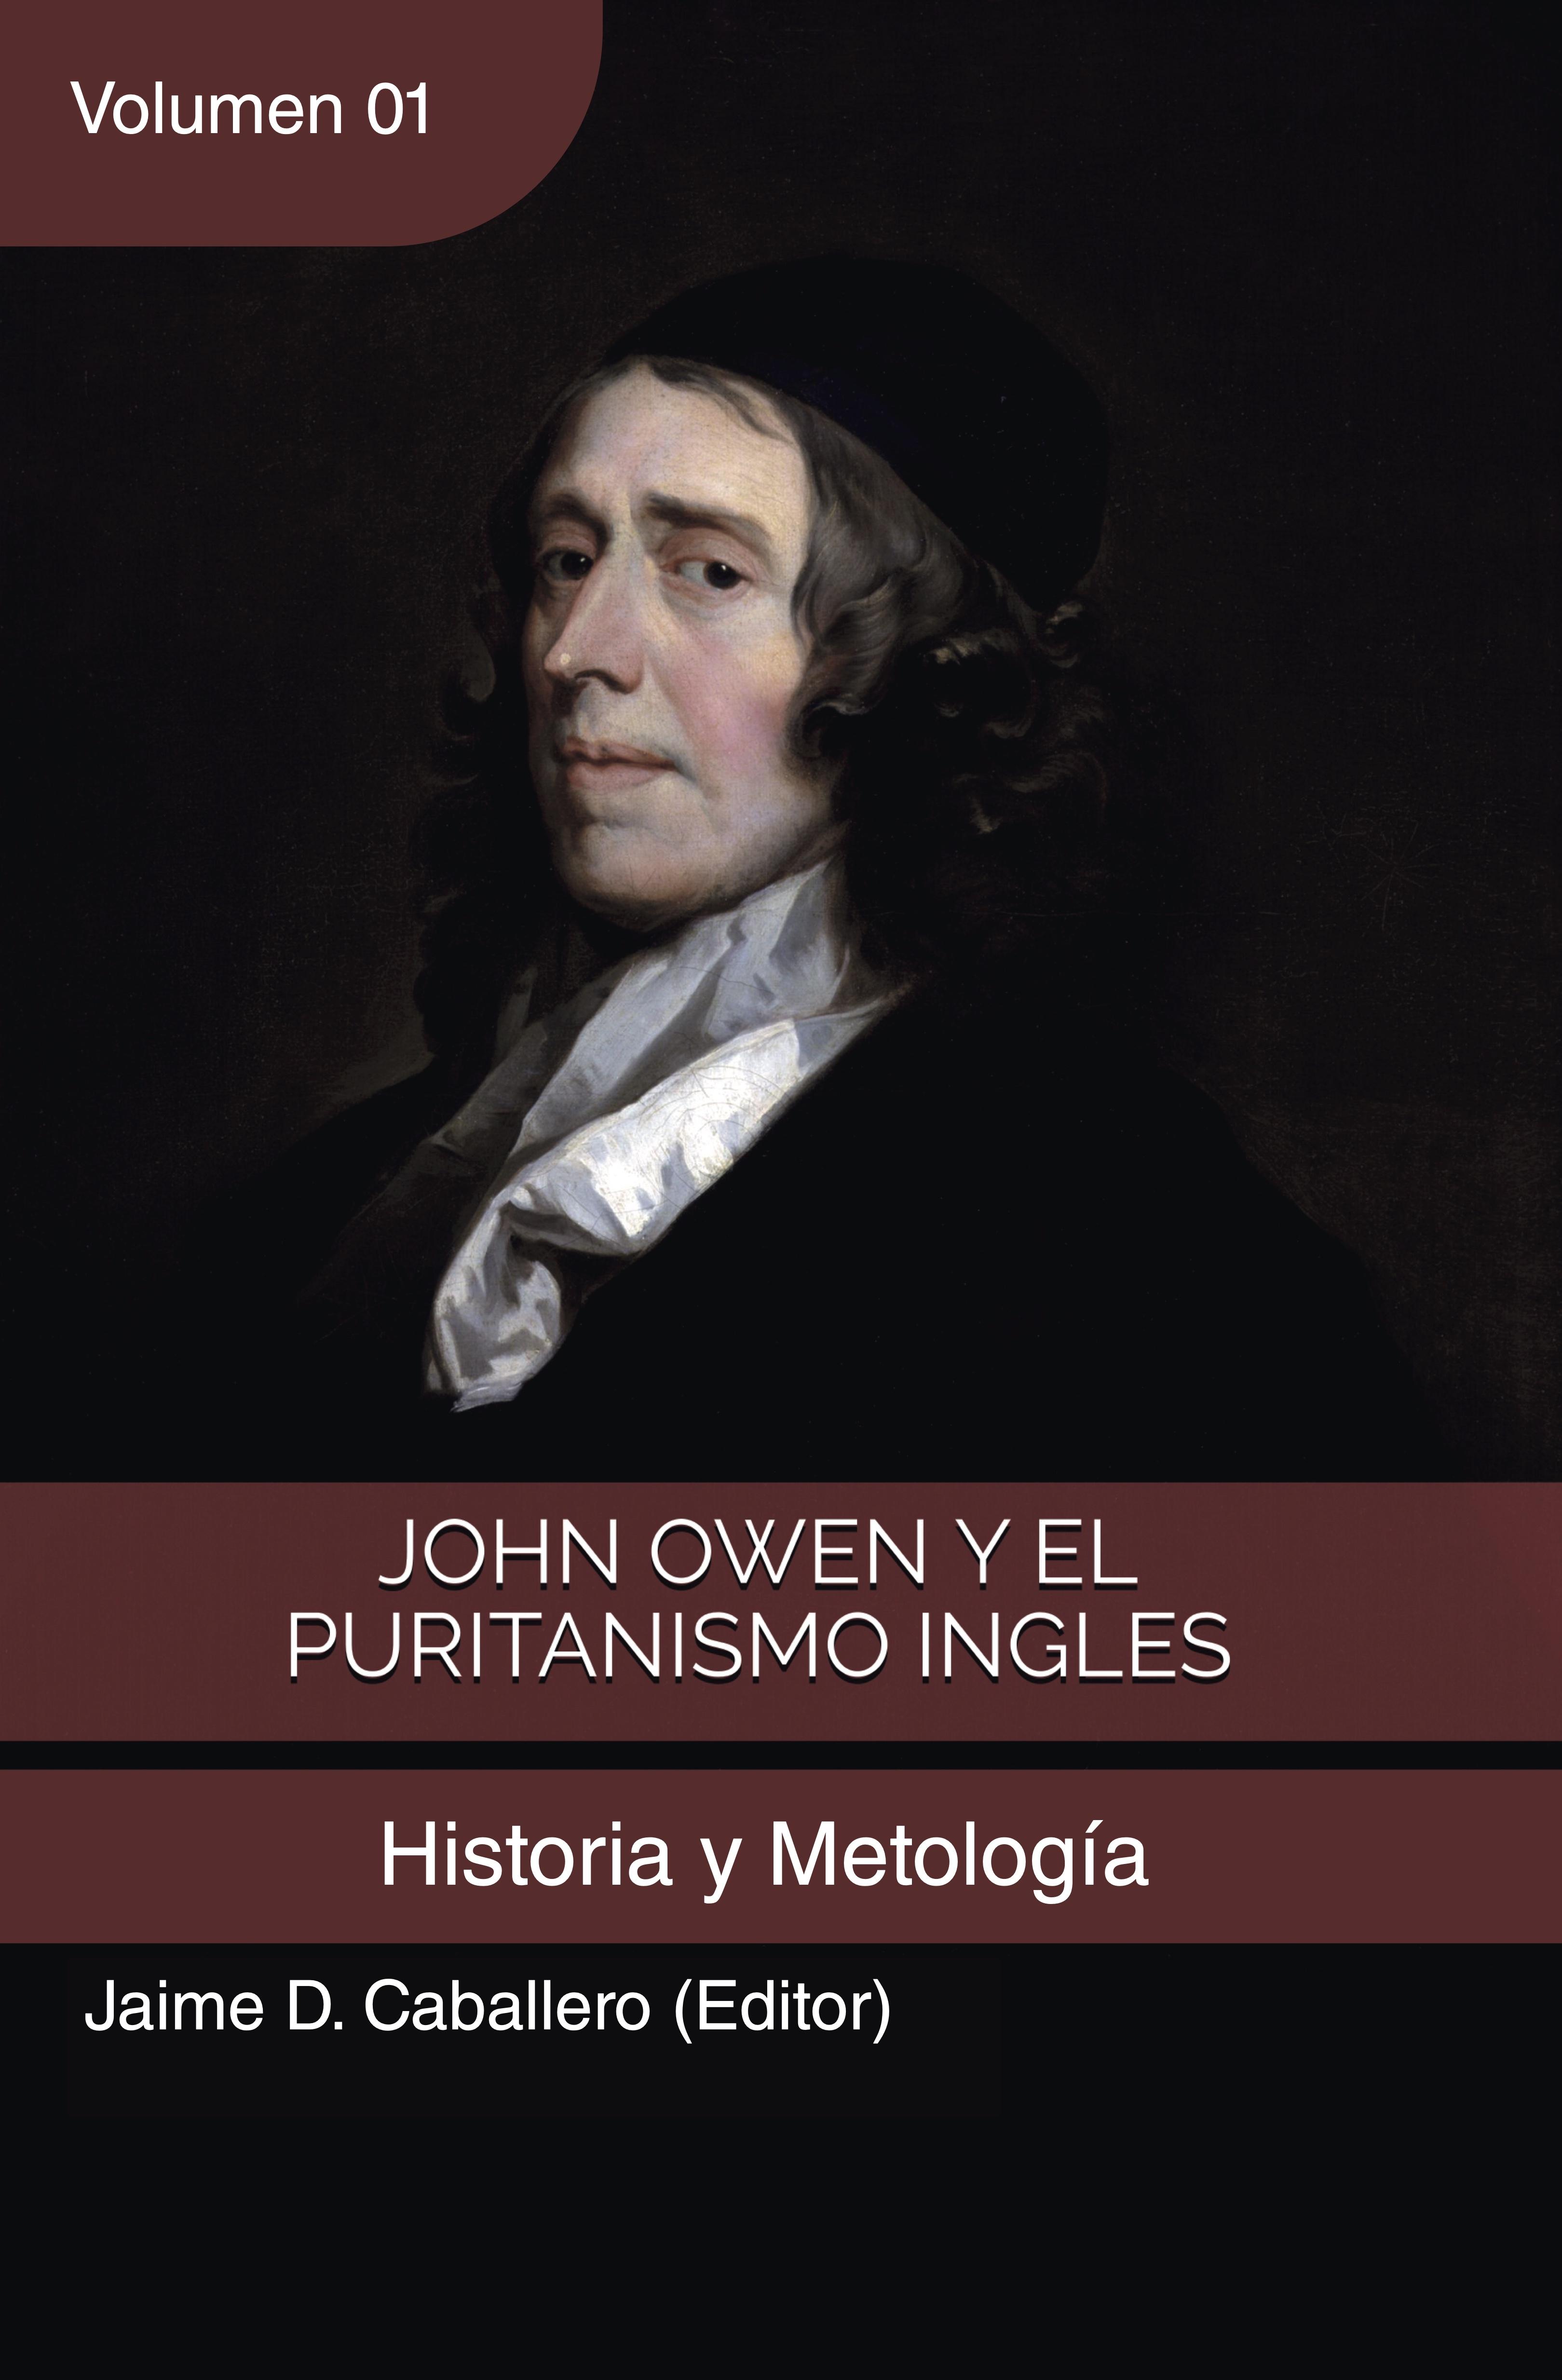 John Owen y el Puritanismo Ingles - Vol. 1 (Nuevo)